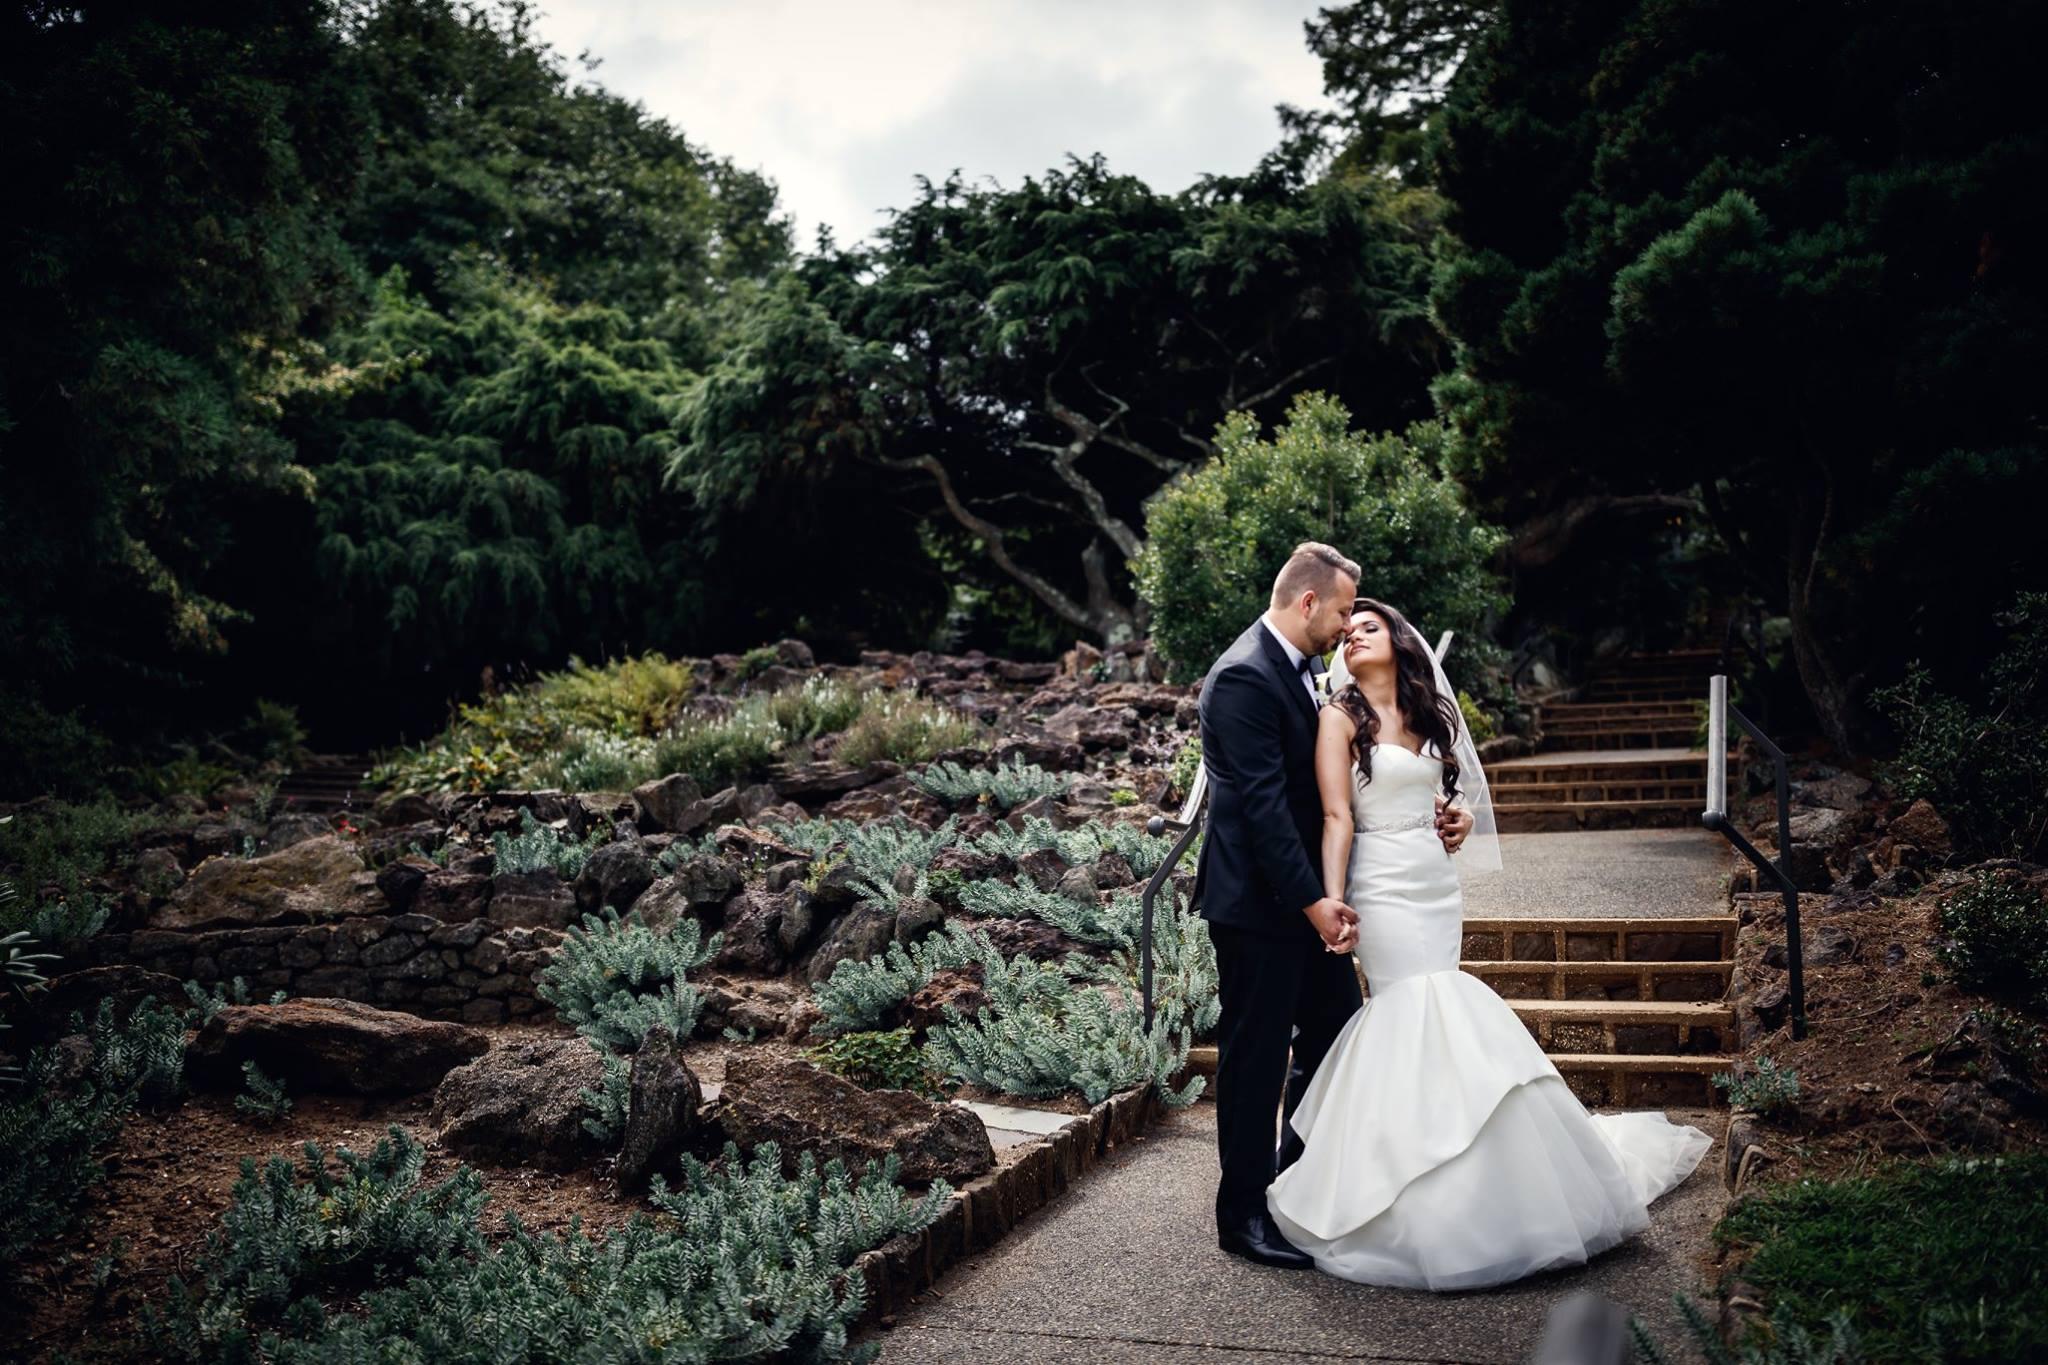 zajac photography wedding 19